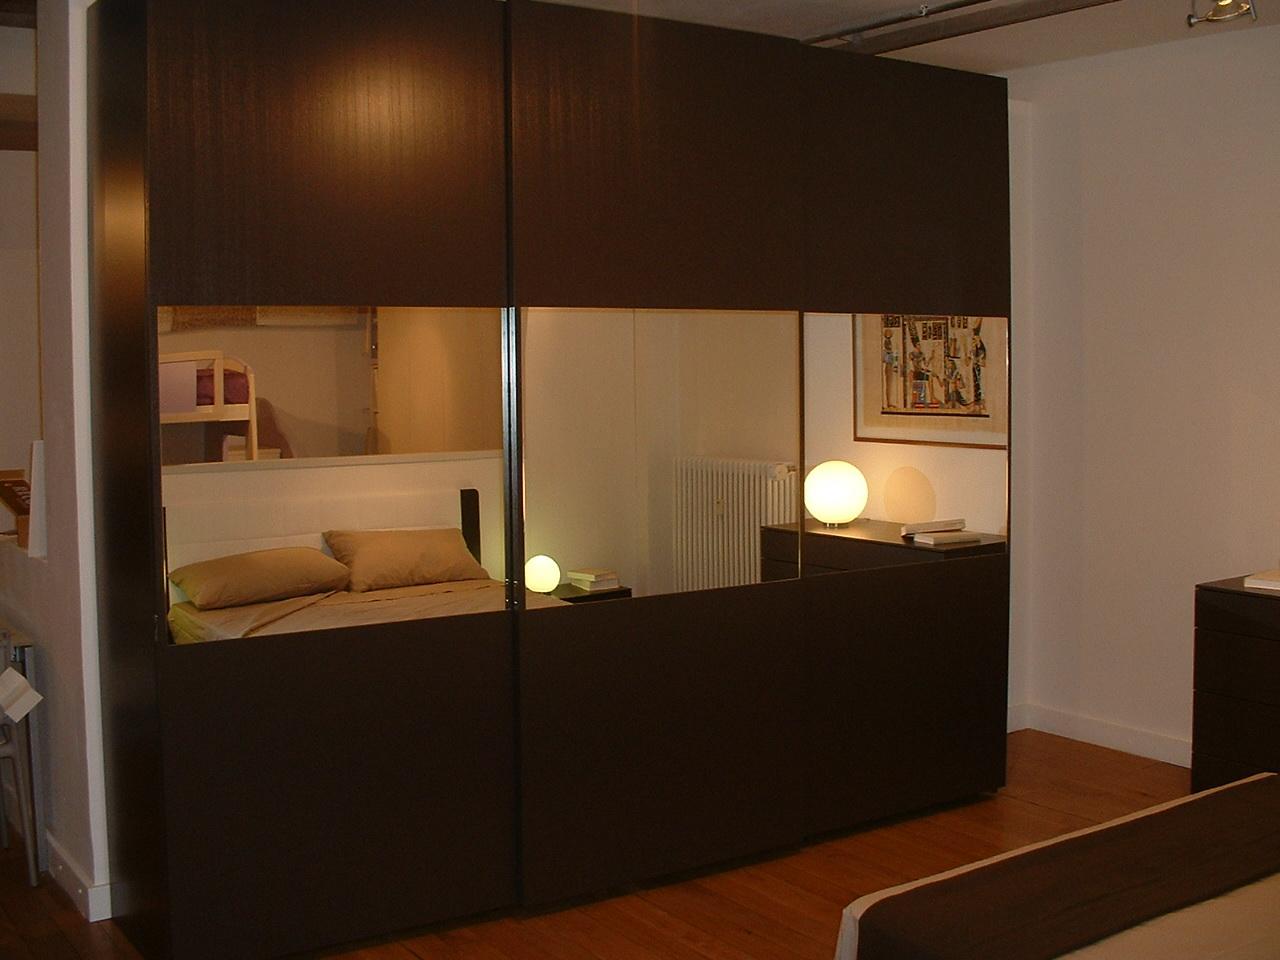 Camera da letto con struttura tamburata